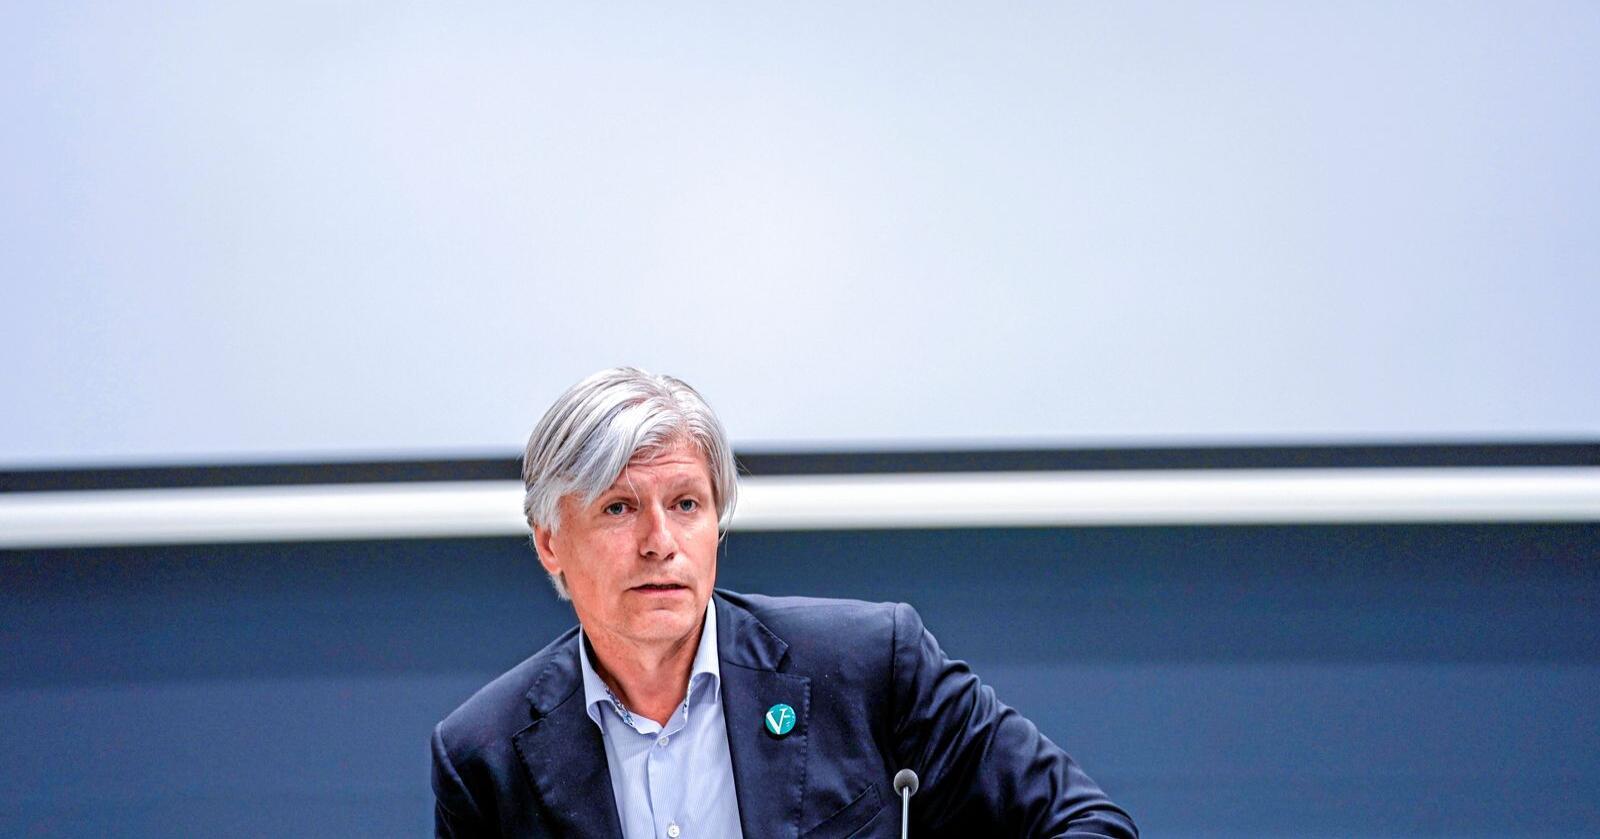 Får kritikk: Klima- og miljøminister Ola Elvestuen. Foto: Stian Lysberg Solum / NTB scanpix